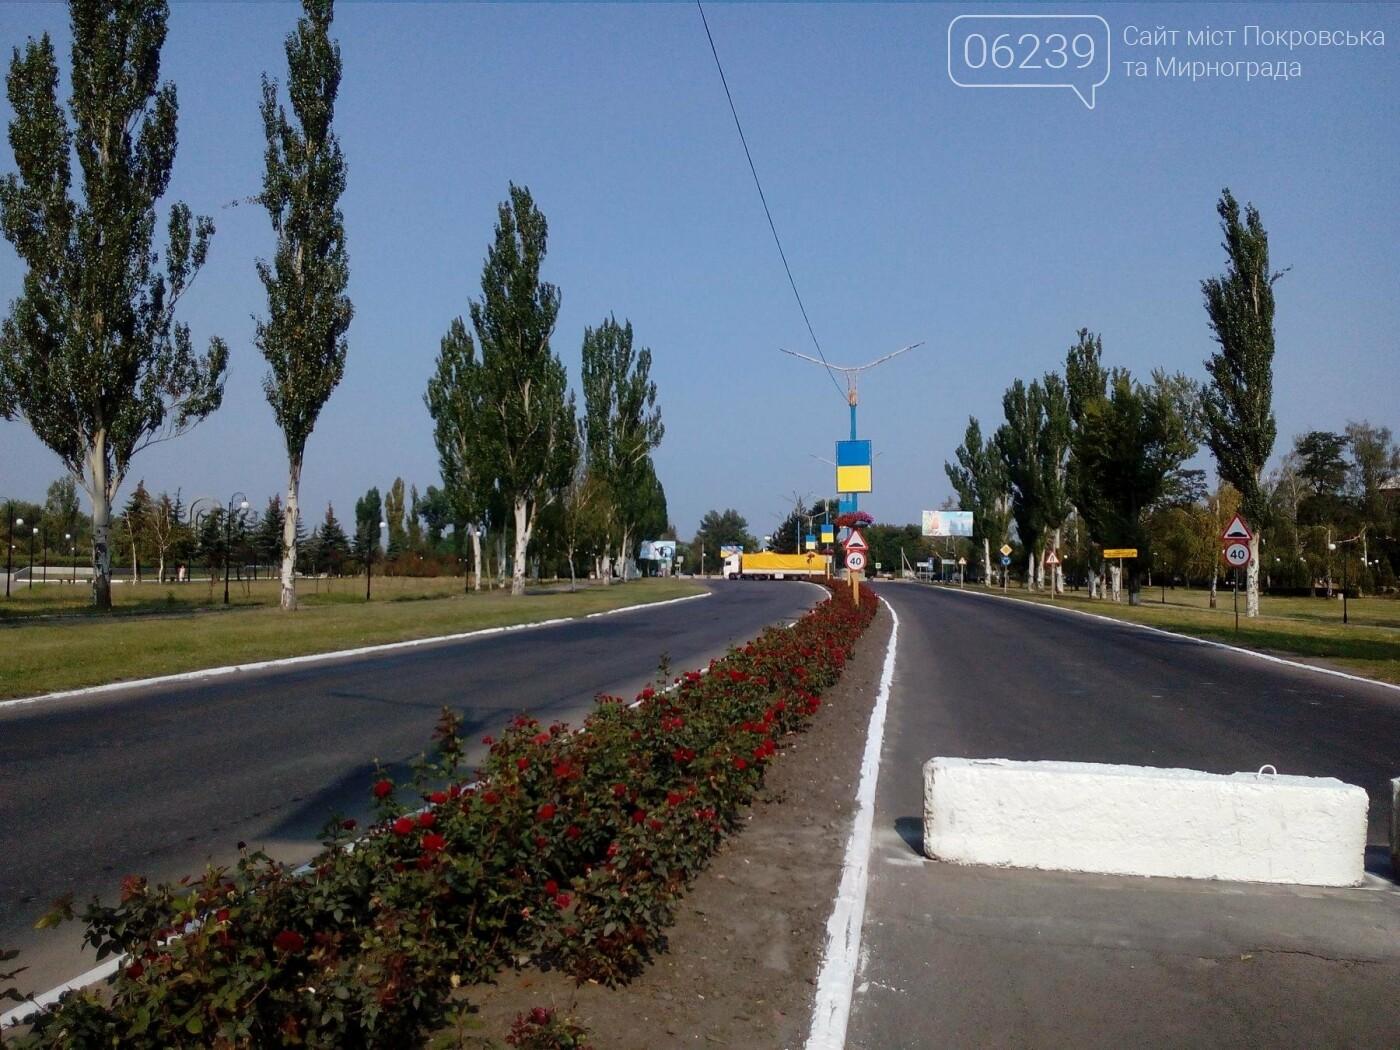 В Покровске перекрыли движение в районе кольца - по части улицы Защитников Украины, фото-2